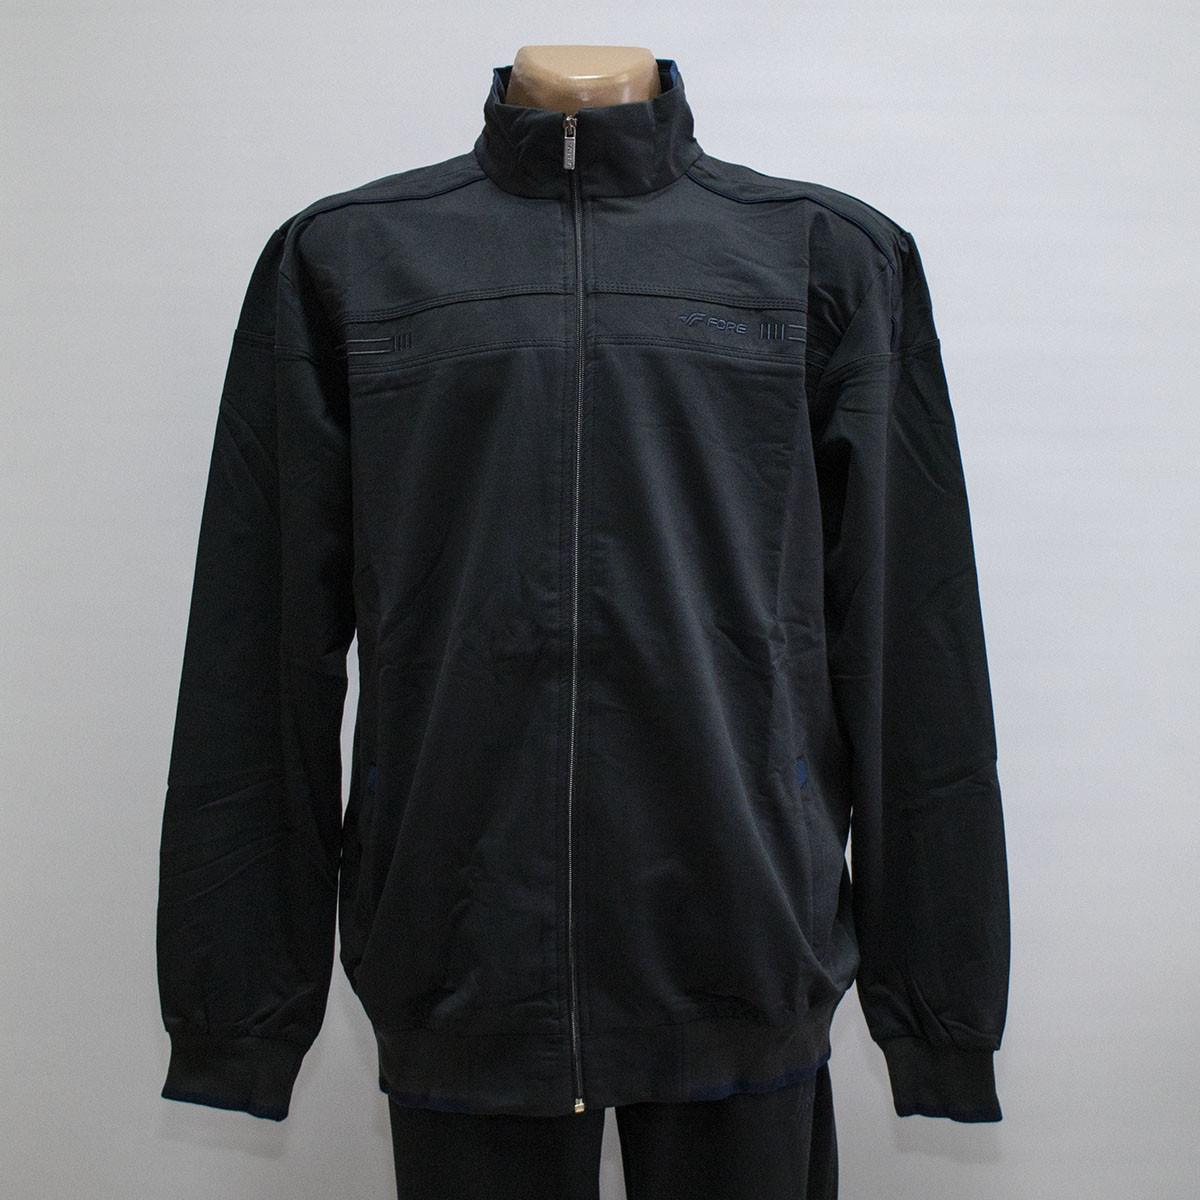 Мужской батальный спортивный костюм большого размера т.м. FORE 1611290G